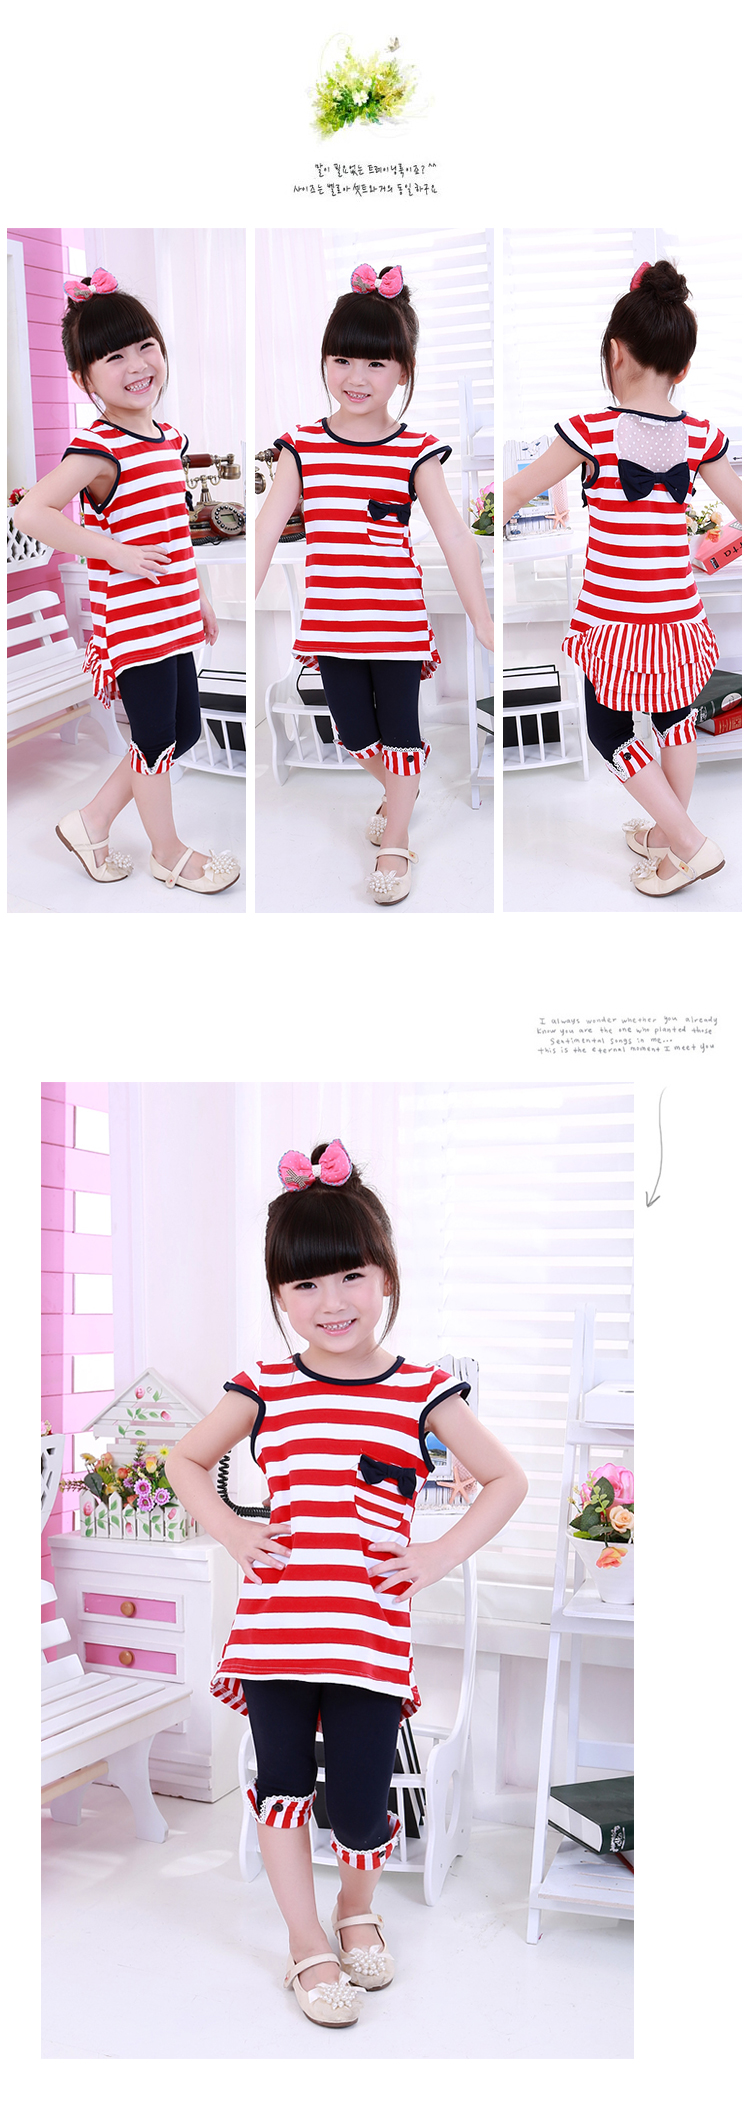 童装儿童套装夏季新款特价女童t恤短袖纯棉套装韩版